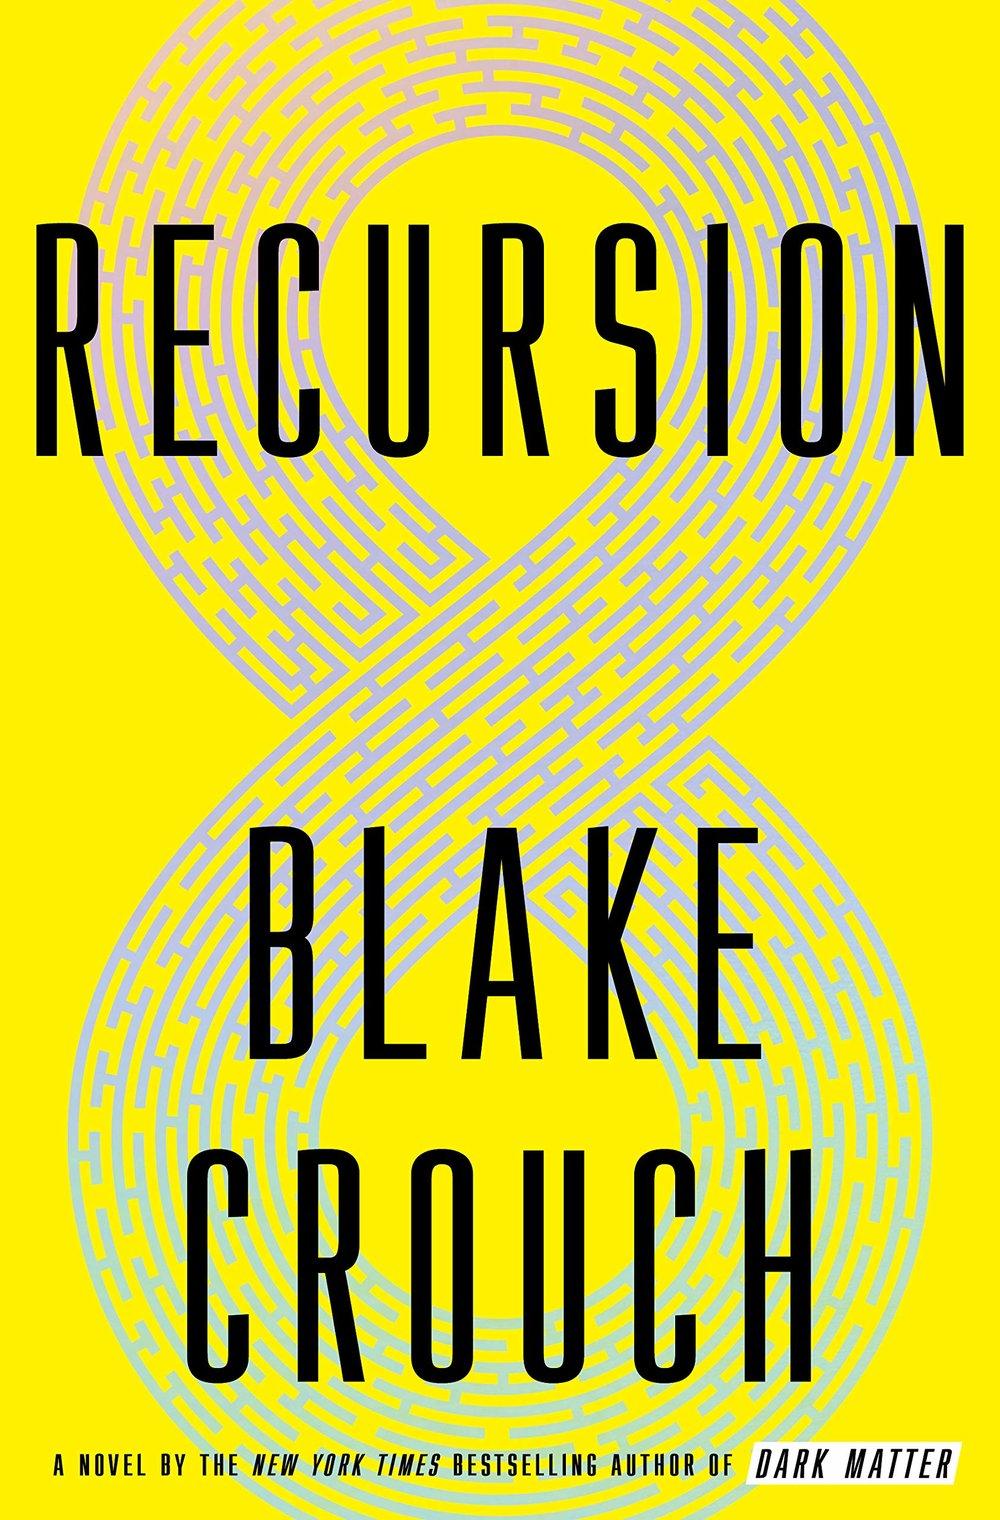 Recursion_Blake Crouch.jpg